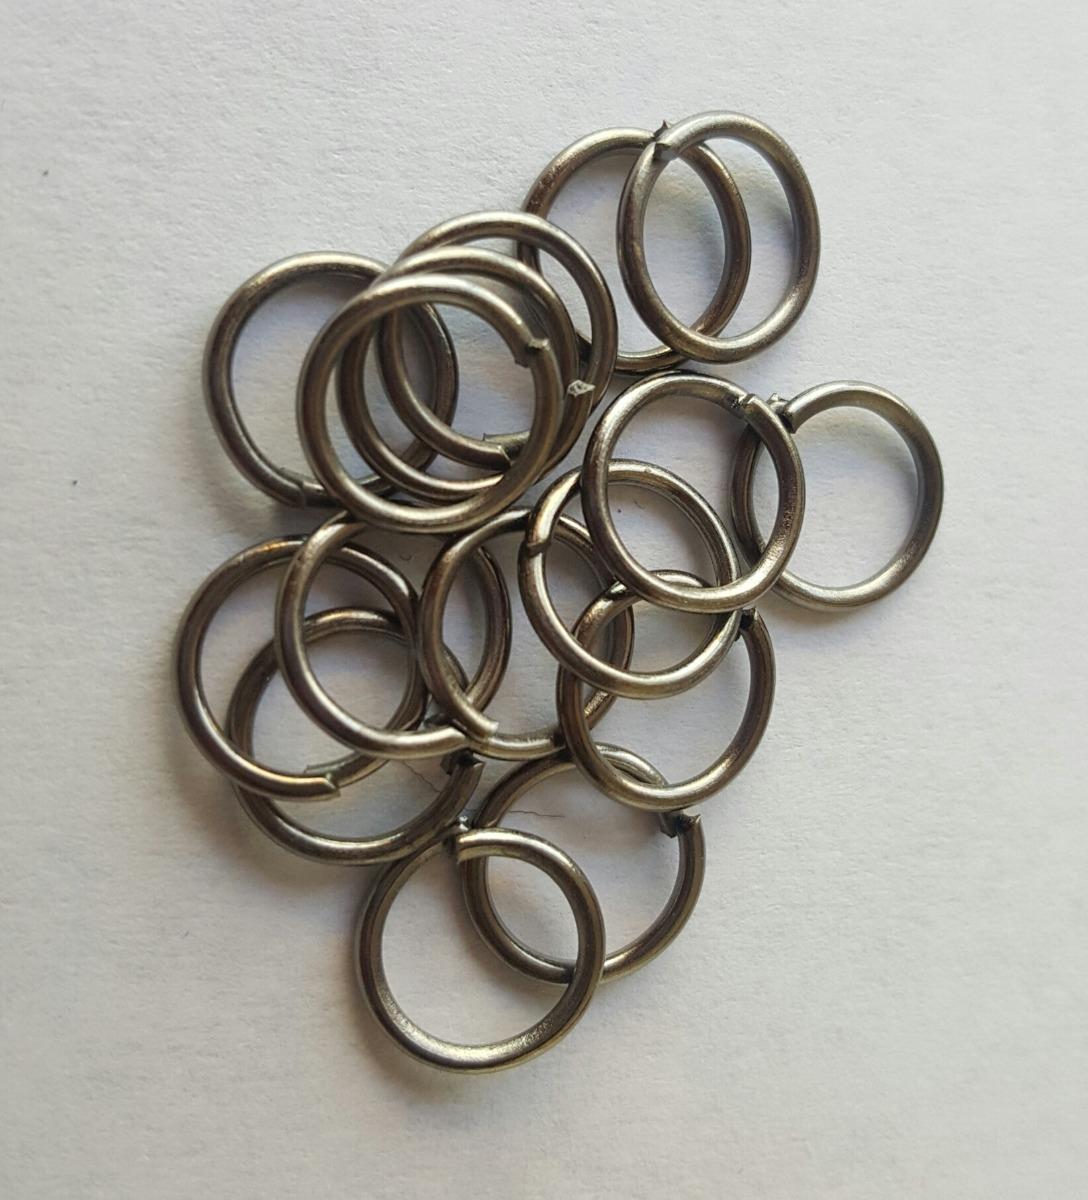 c2c6144e8d72 Argolla   Asa De Metal Para Bisutería 100gr -   45.00 en Mercado Libre